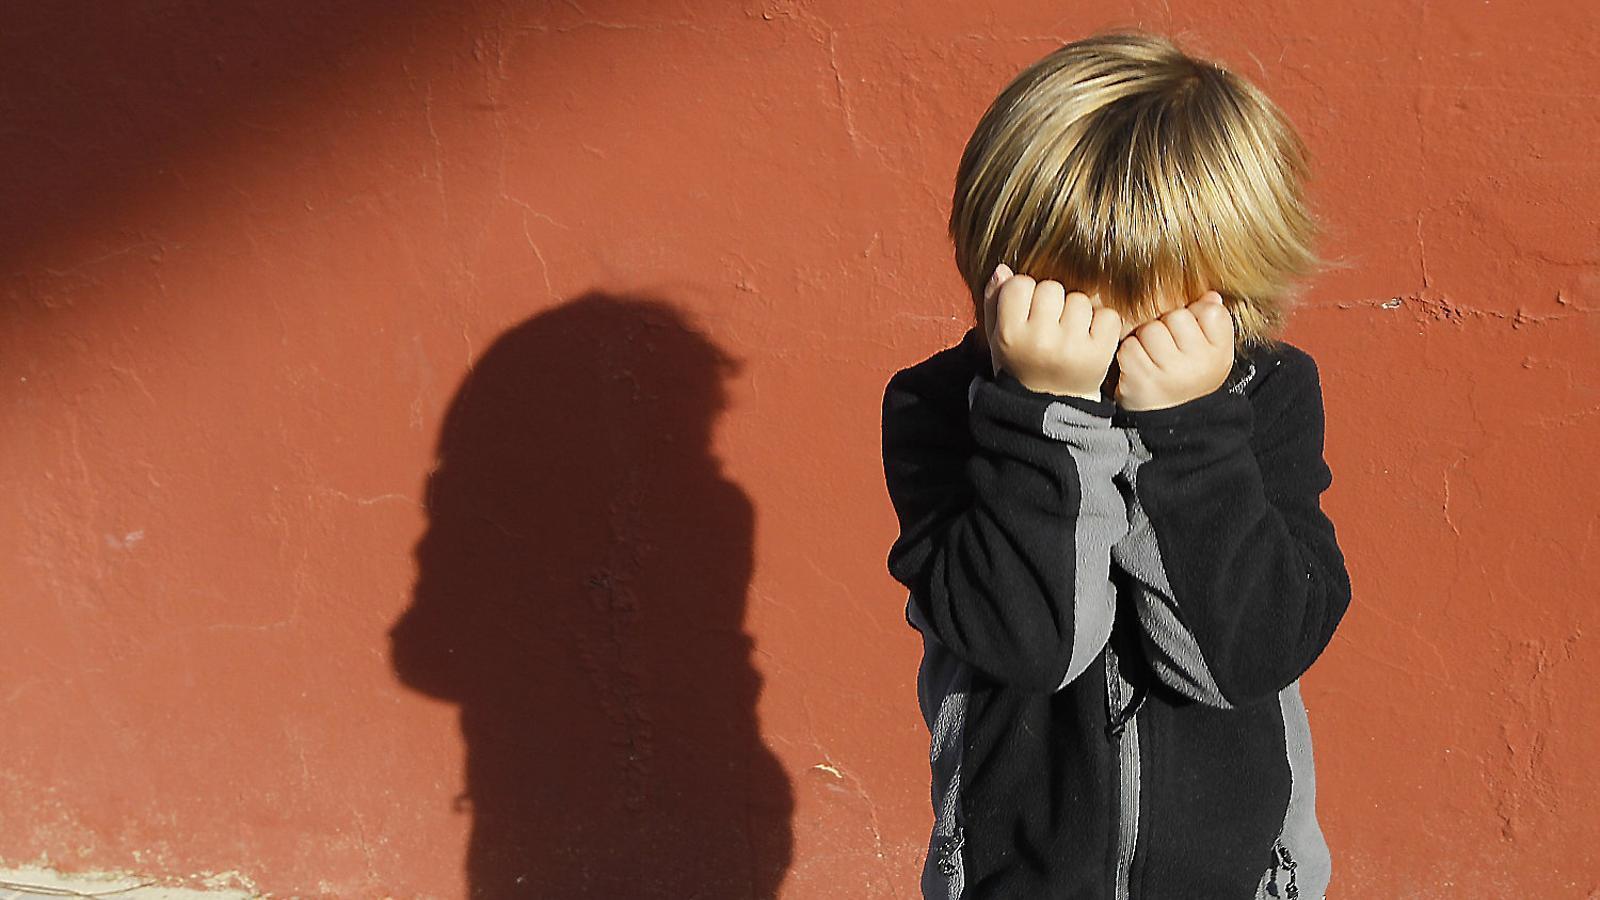 El sindicat també considera alarmant l'increment de menors víctimes mortals de violència de gènere a Espanya, ja que en 2016 va ser una víctima i en el que va d'any són ja 8 els fills assassinats